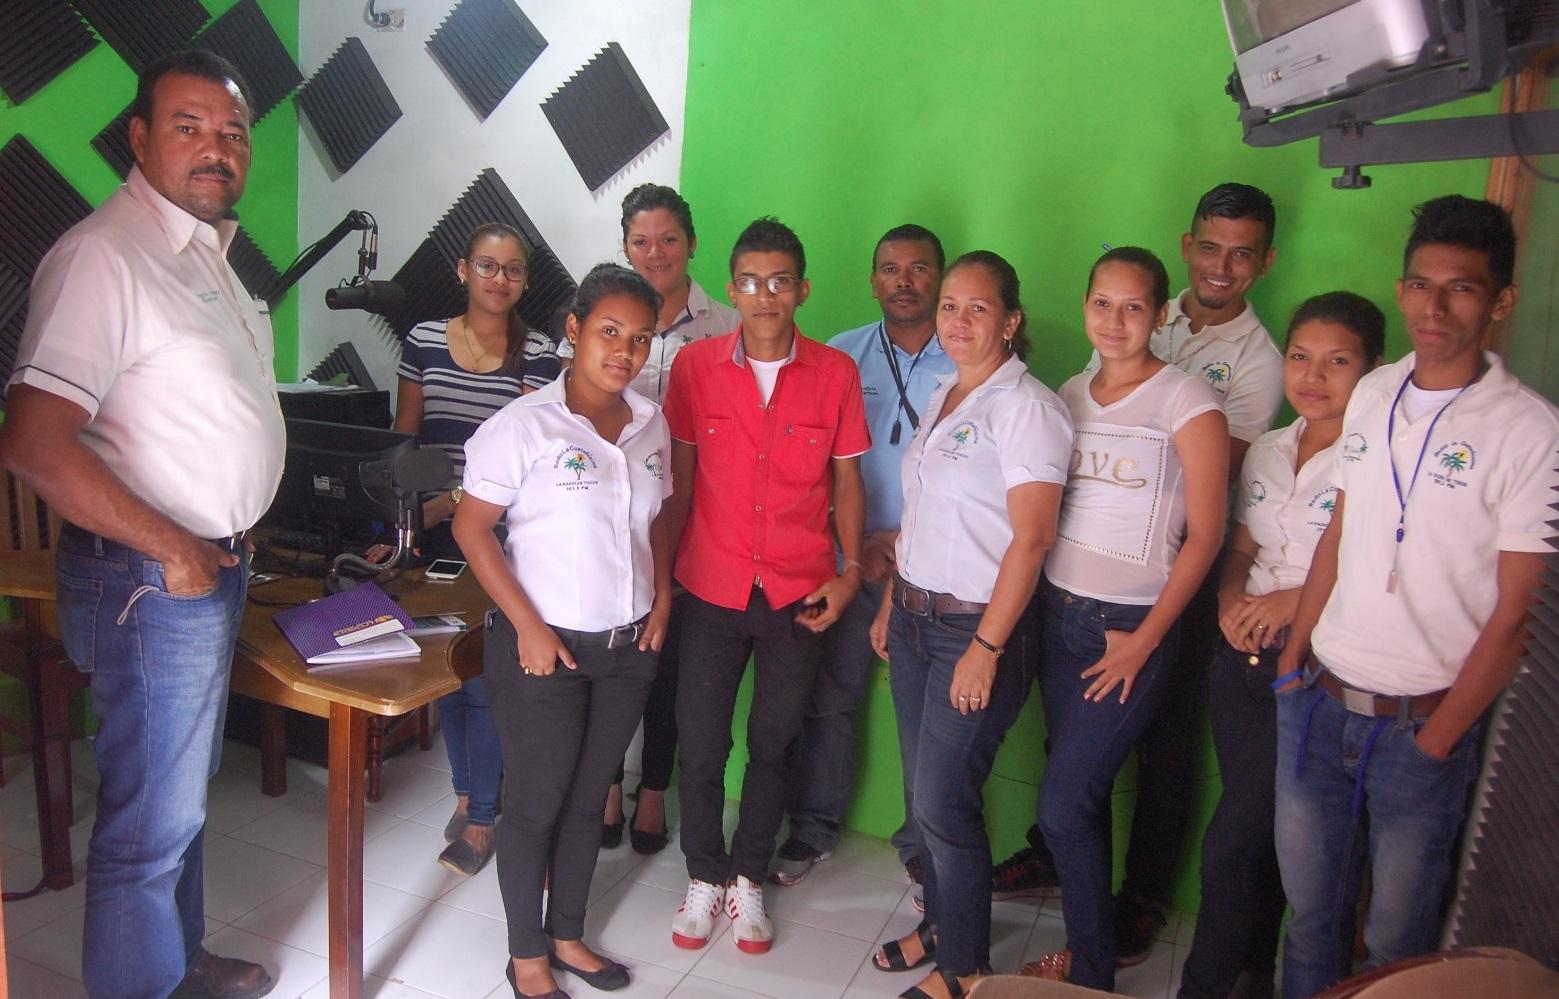 Parte del equipo de La Costeñísima, en Bluefields, junto a su director Sergio León Corea. Foto Luis García | La Costeñísima